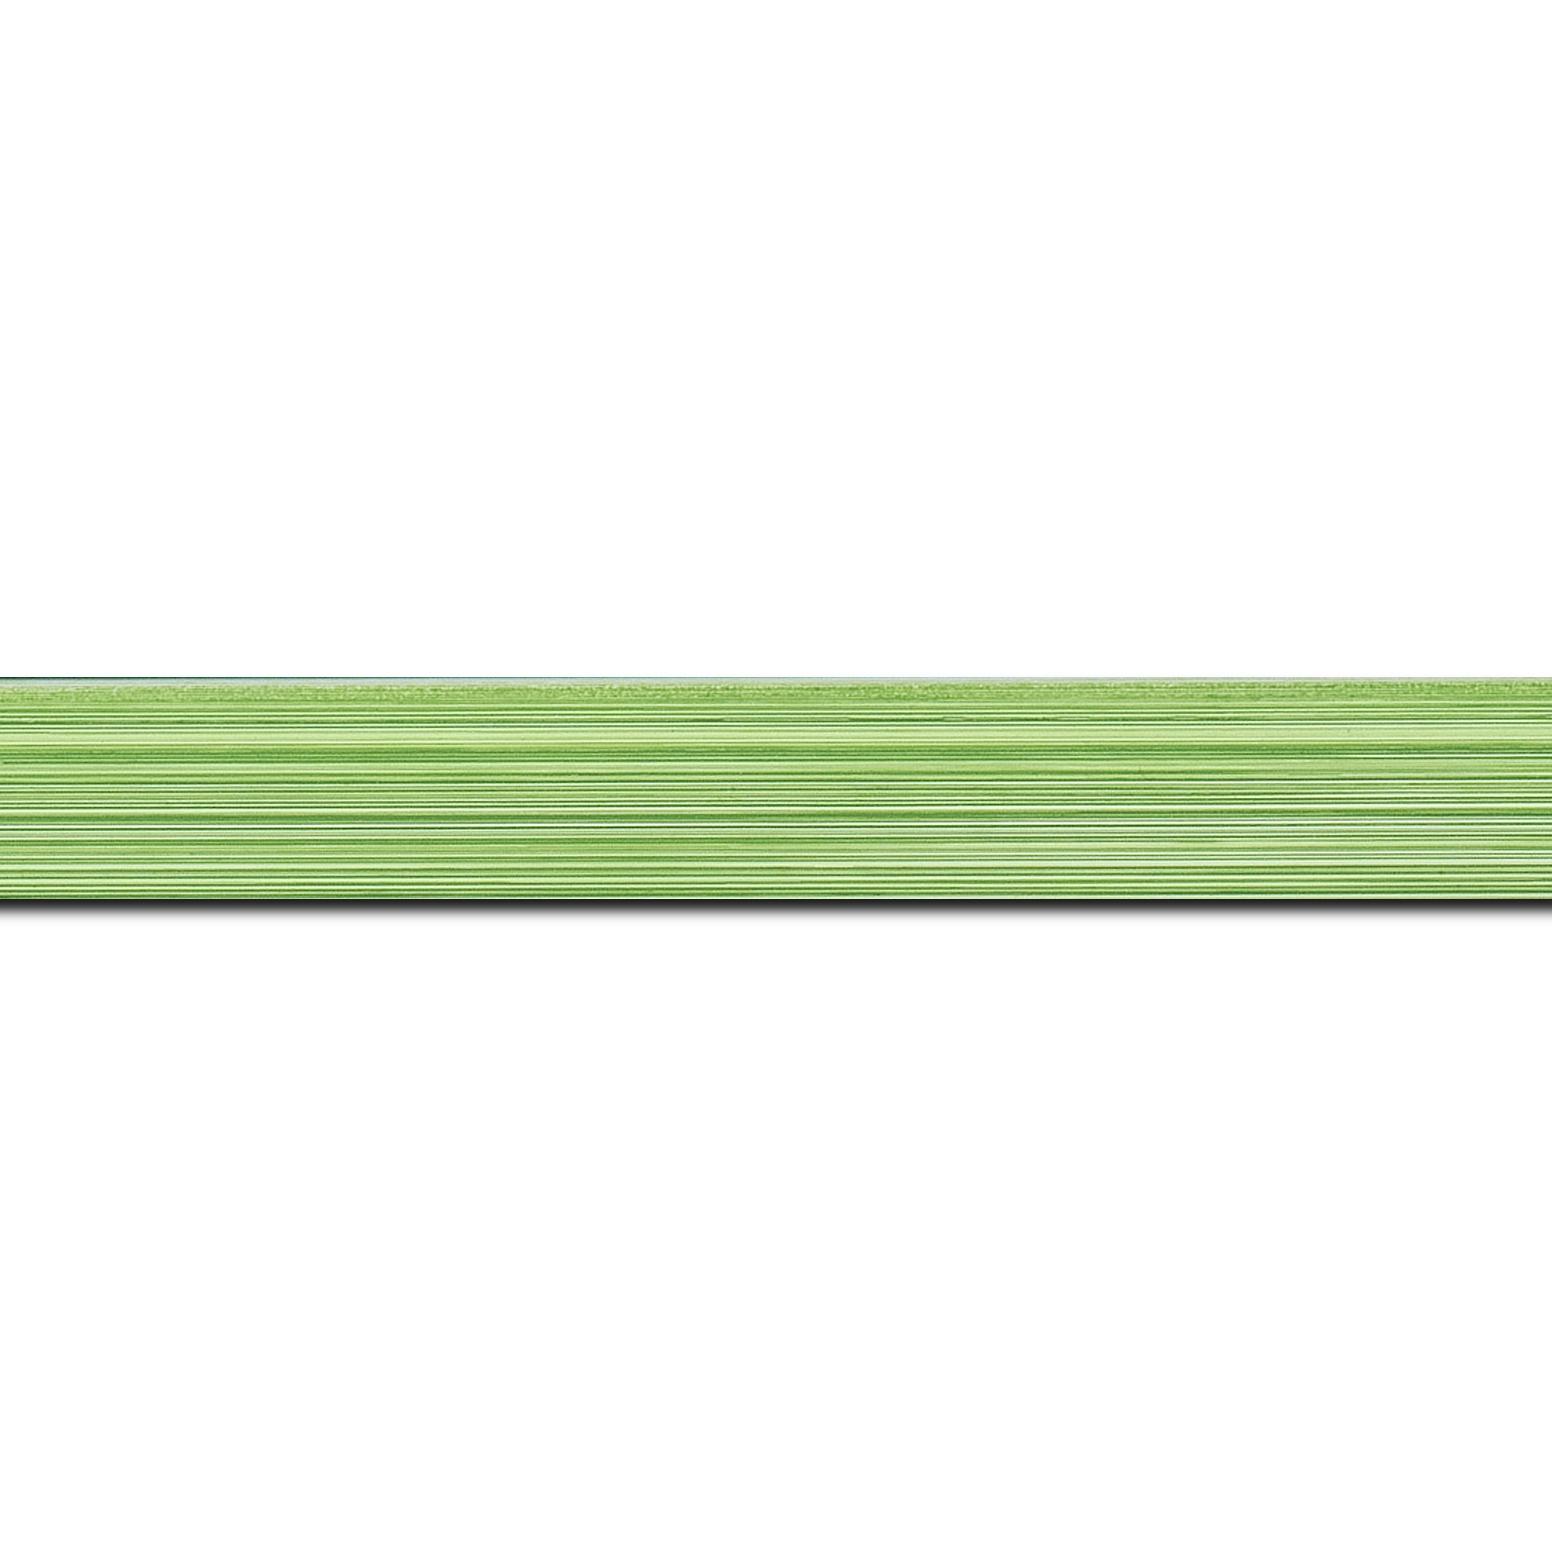 Pack par 12m, bois profil concave largeur 2.4cm couleur vert clair effet matière fond blanc (longueur baguette pouvant varier entre 2.40m et 3m selon arrivage des bois)